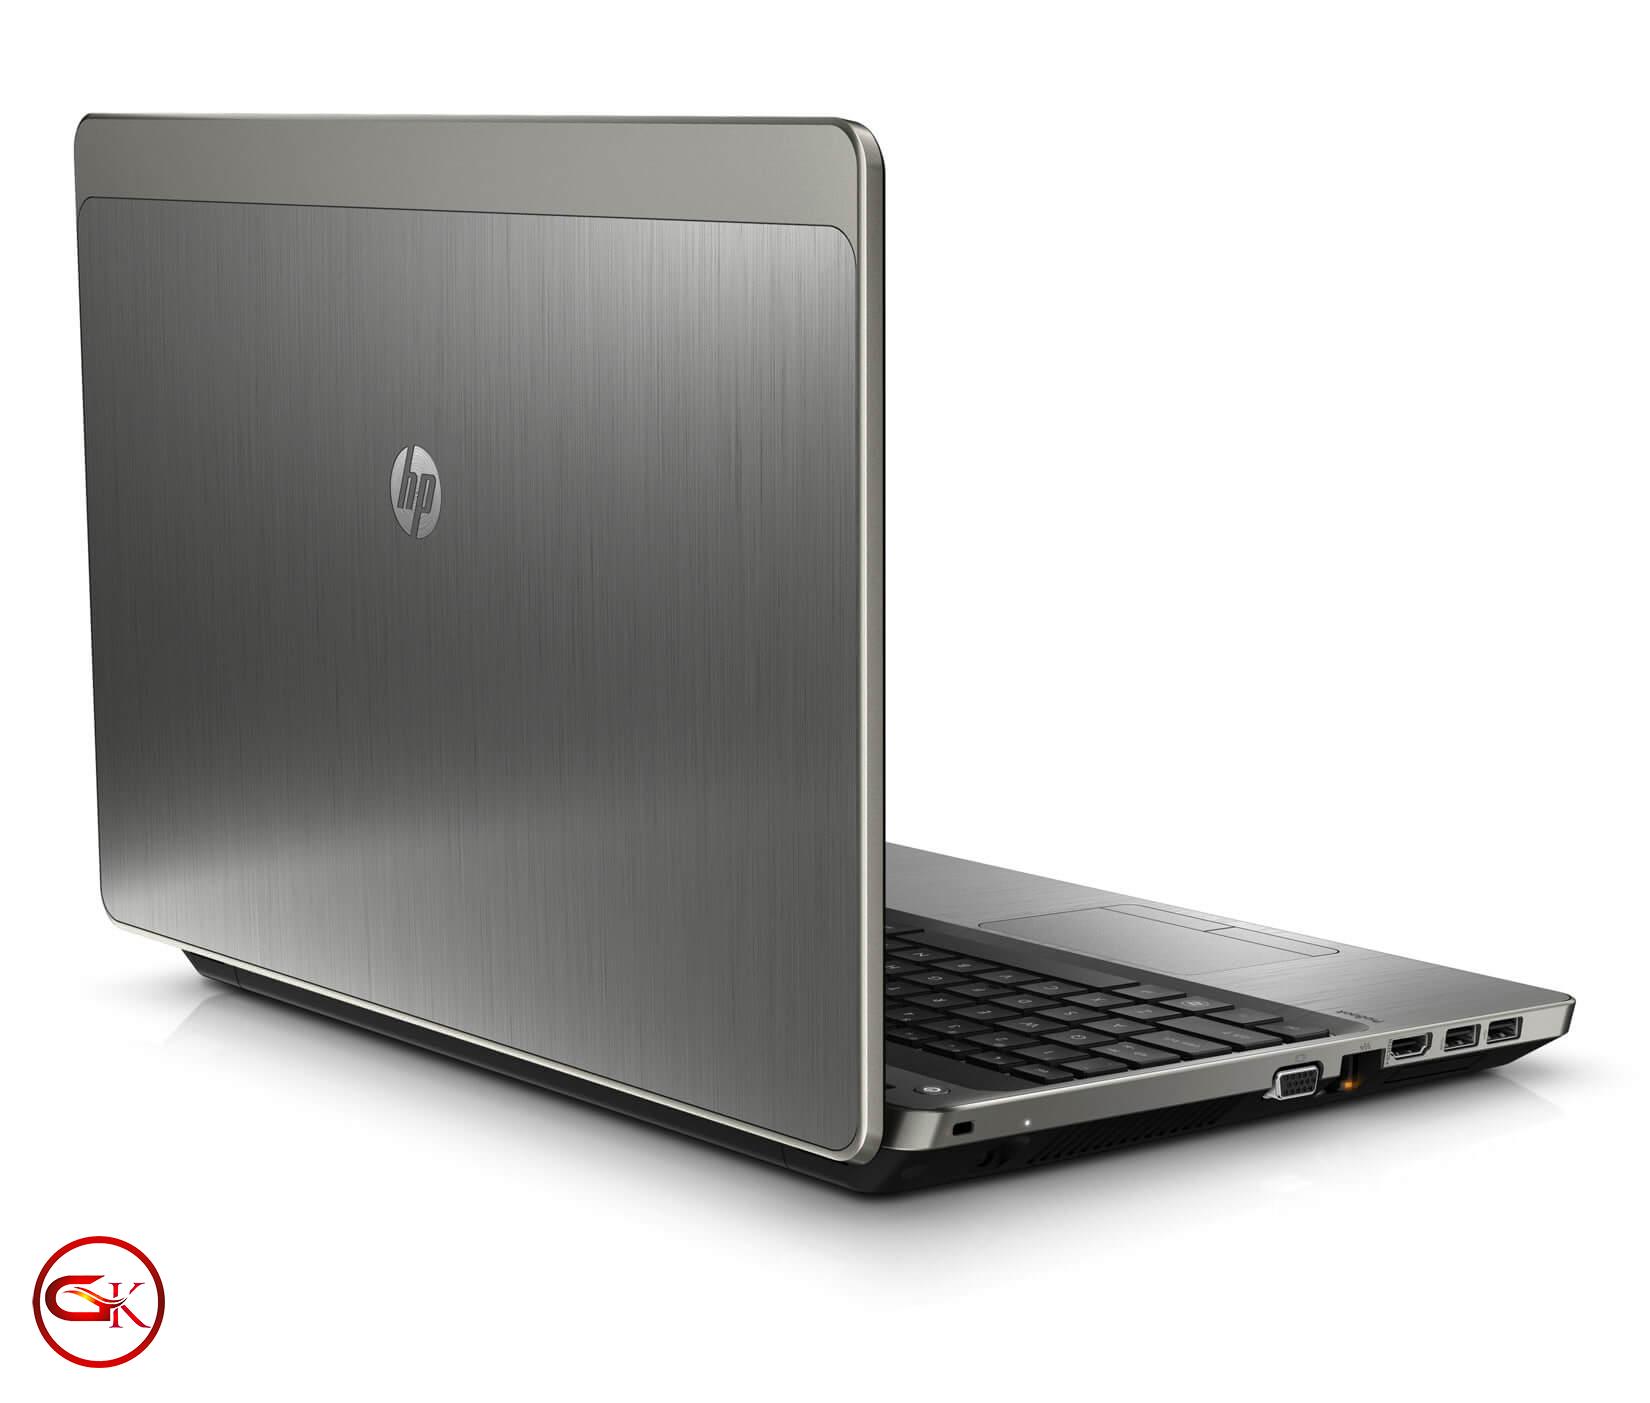 لپ تاپ اچ پی HP Probook 4530 |CPU i3|RAM 4GB|HDD 500GB|Intel HD